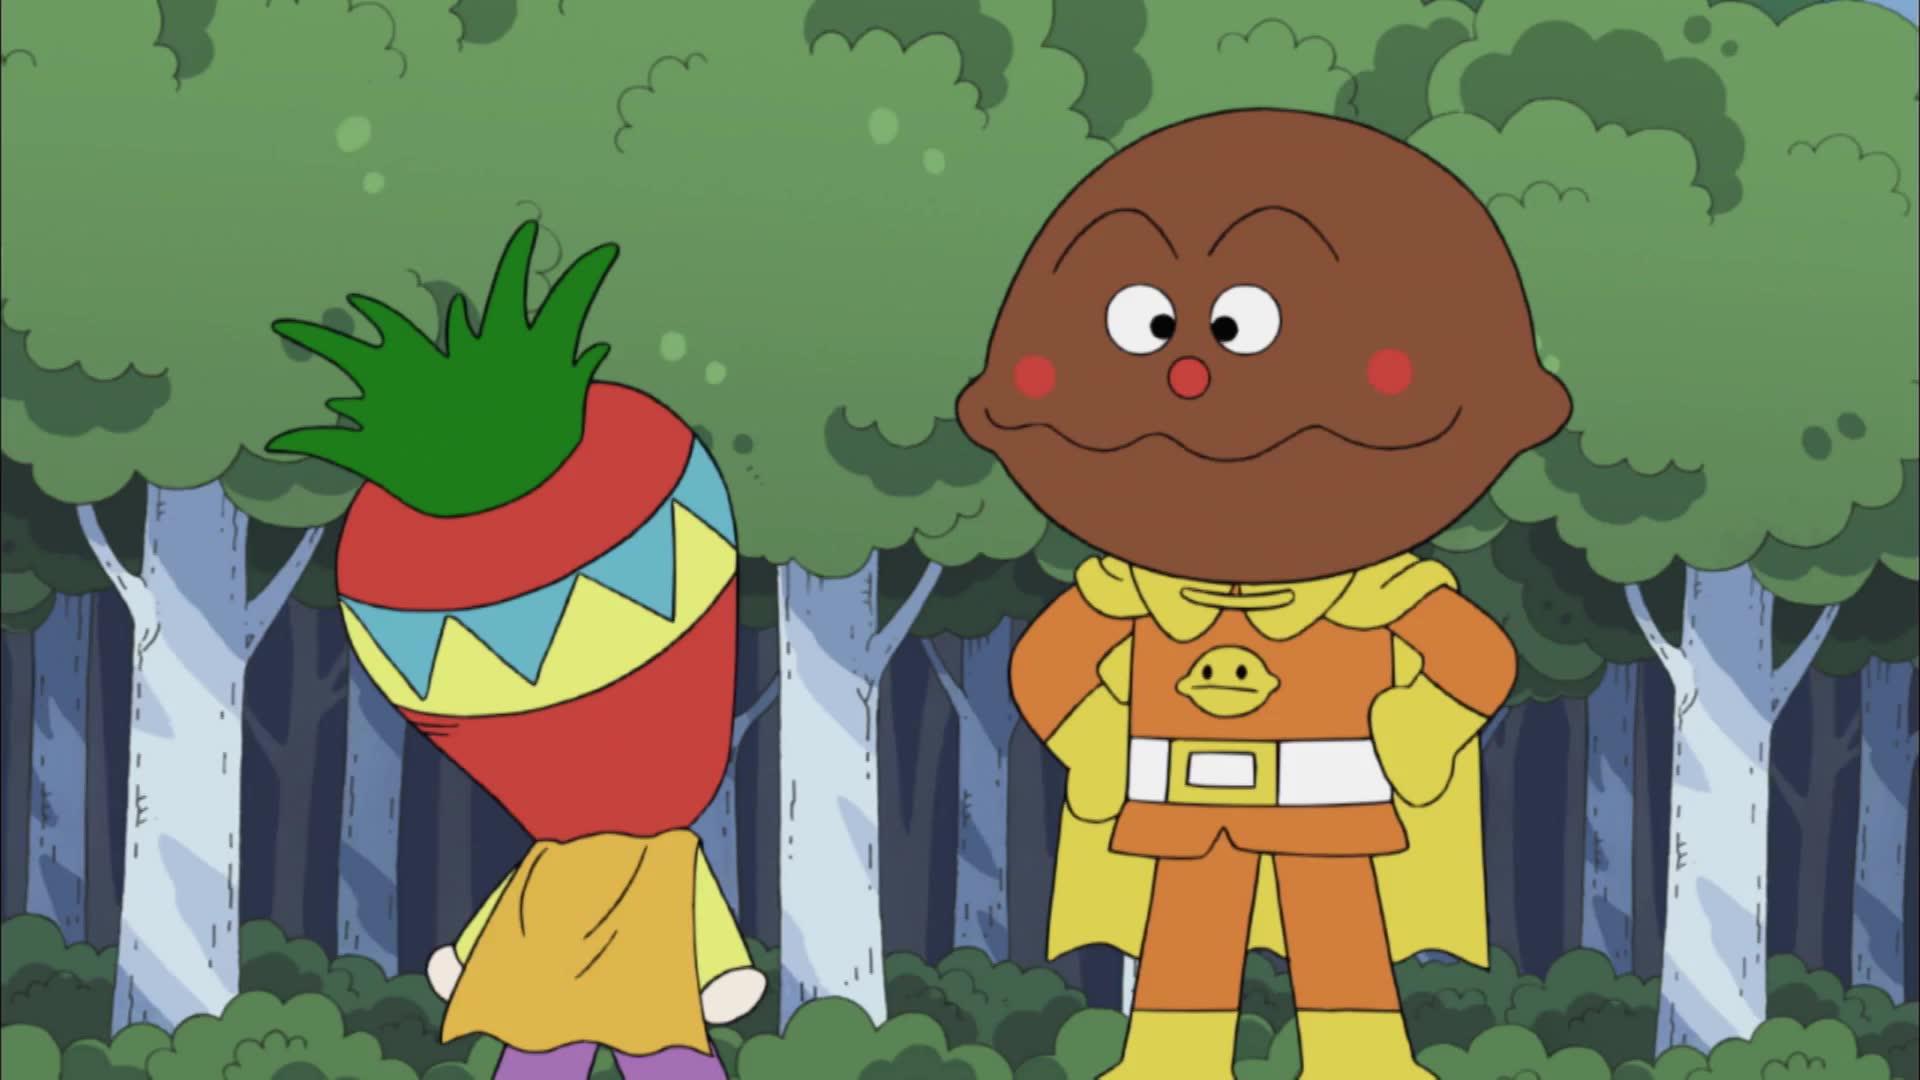 16화 카레빵맨과 당근소년